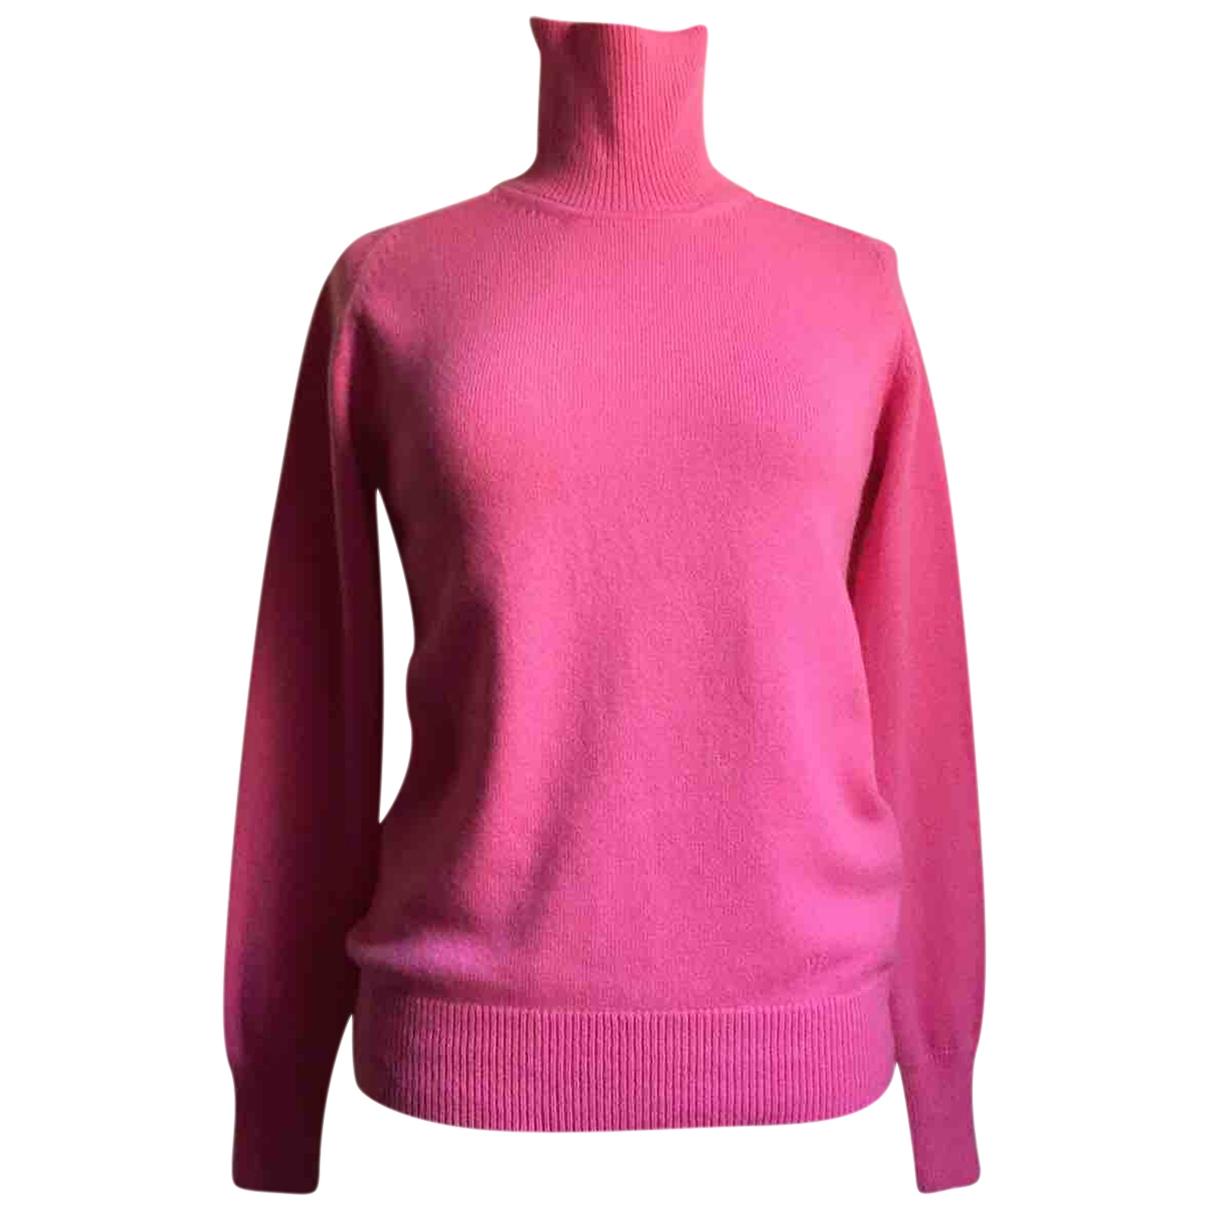 Victoria Beckham - Pull   pour femme en cachemire - rose